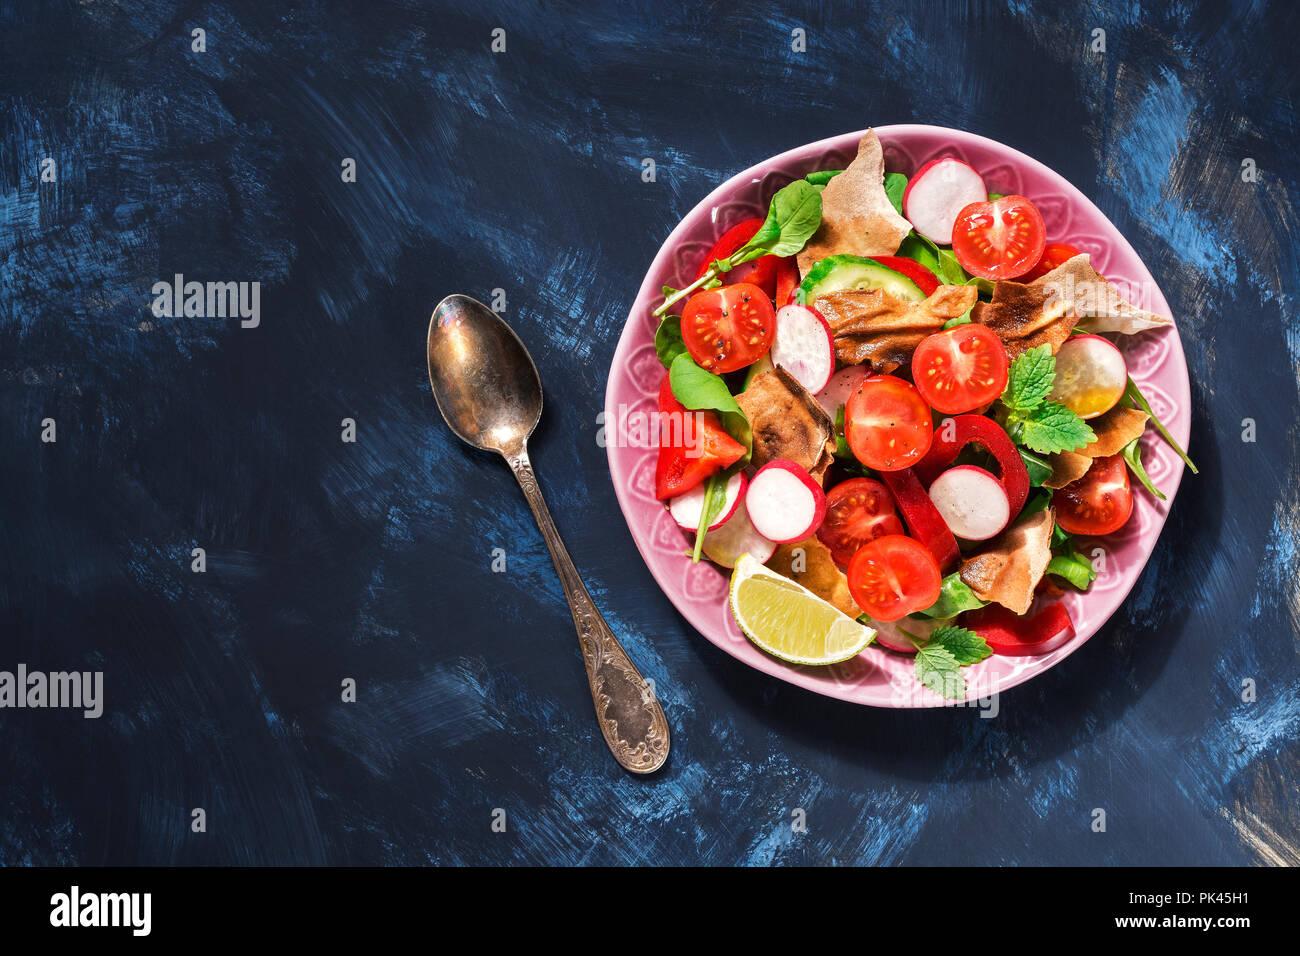 L'arabe salade de légumes frais avec du pain Fattoush sur fond bleu. Vue de dessus, copiez l'espace. Photo Stock